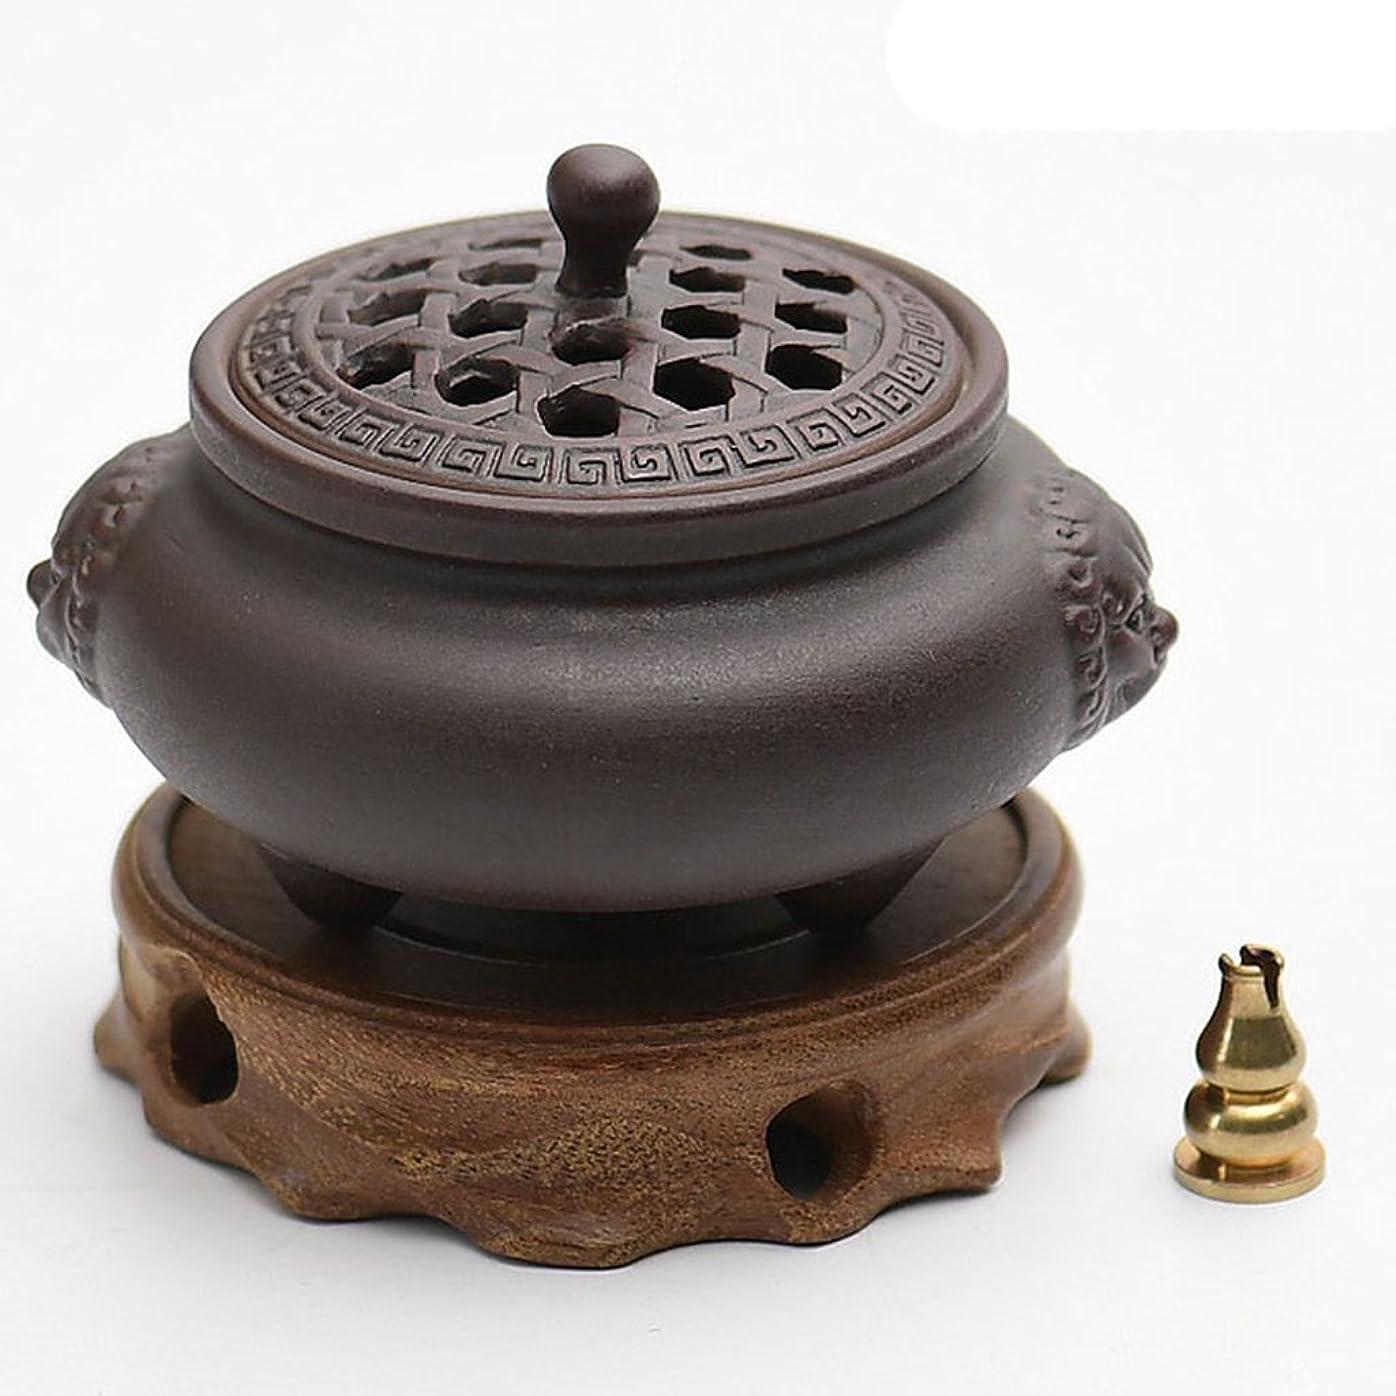 水平潮(ラシューバー) Lasuiveur 香炉 線香立て 香立て 職人さんの手作り 茶道用品 おしゃれ  木製 透かし彫り